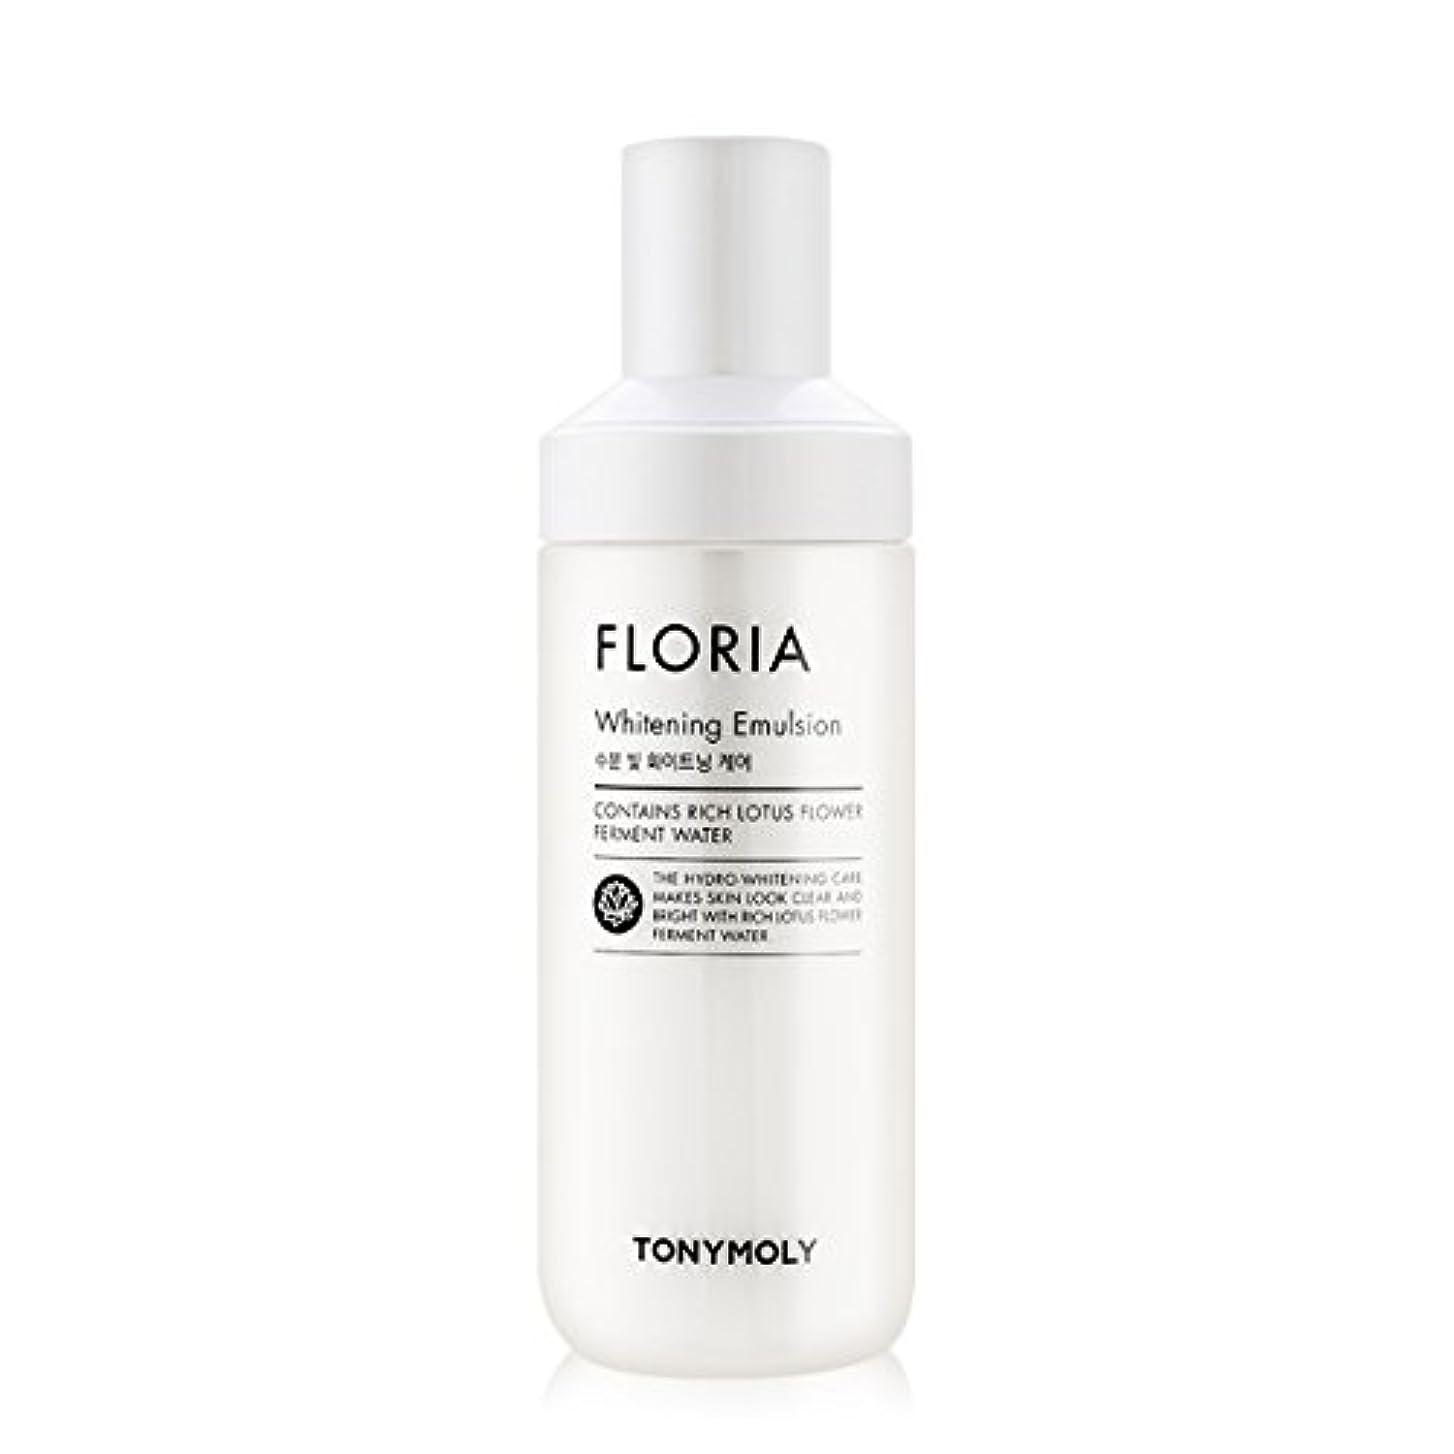 どこにでも正当化するクリエイティブ[2016 New] TONYMOLY Floria Whitening Emulsion 160ml/トニーモリー フロリア ホワイトニング エマルジョン 160ml